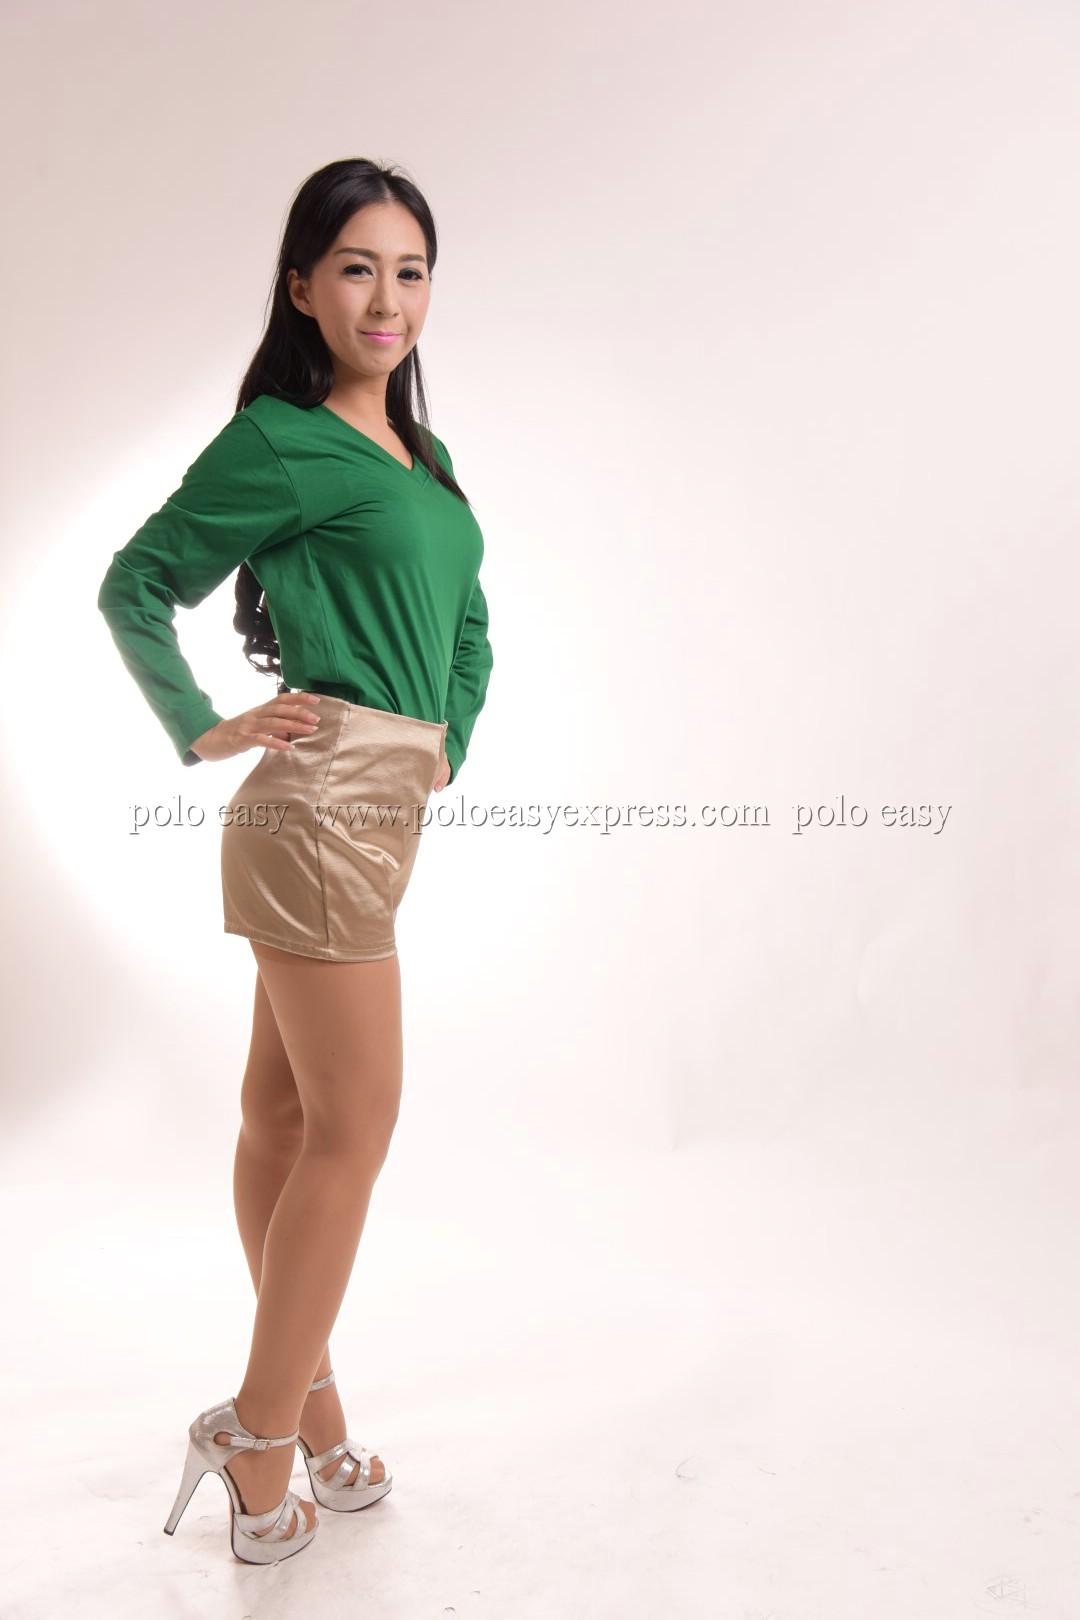 เสื้อยืด สีเขียวใบไม้ คอวี แขนยาว Size XL